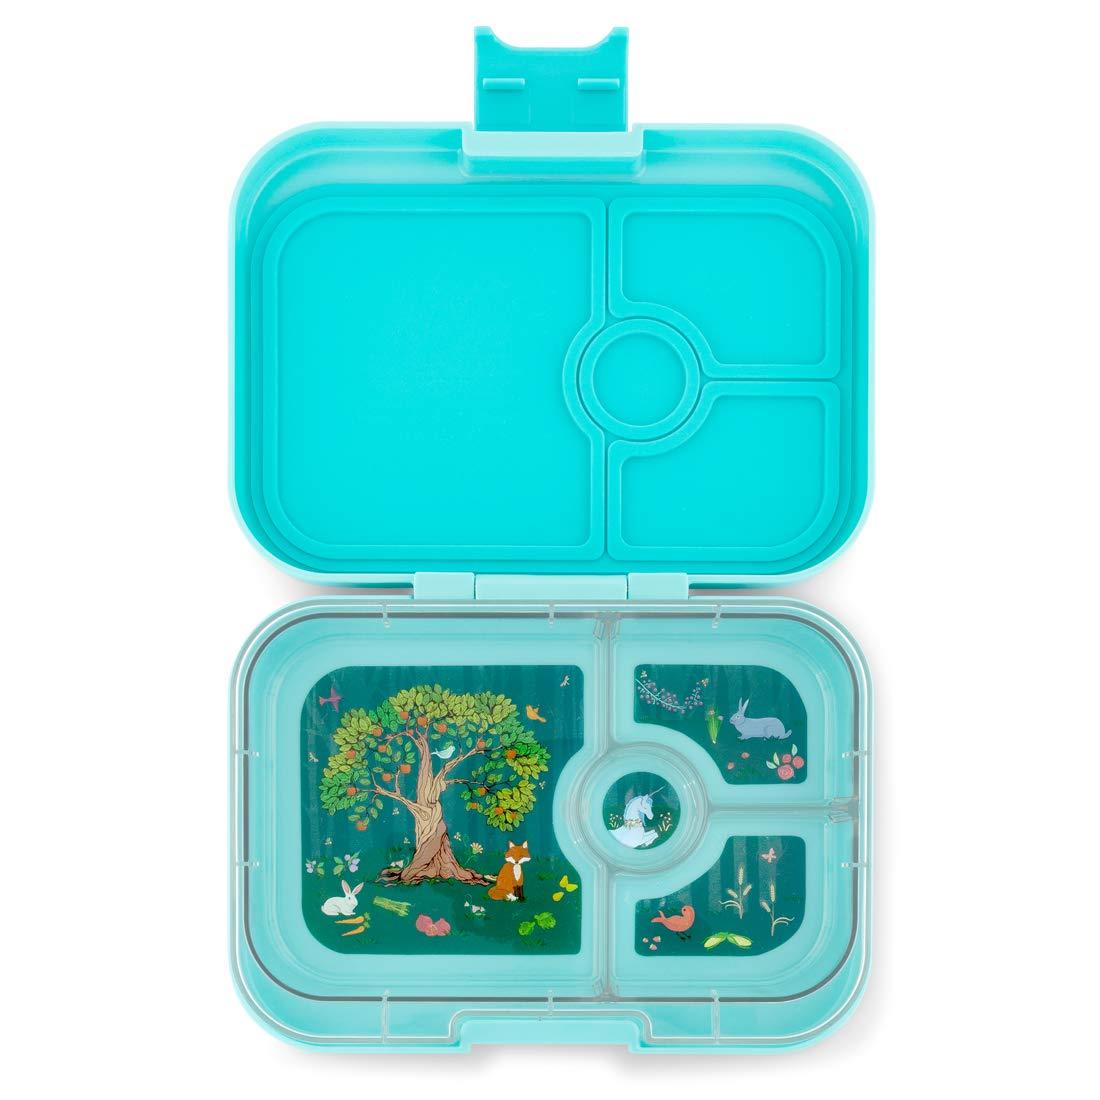 Yumbox Panino M Lunchbox (mit 4 Fächern, Bijoux lila) - Brotdose mit Unterteilung   Bento Box mit Trennwand Einsatz   Brotbox für Kindergarten Kinder, Schule & Arbeit B07HB8Q7C1 Lebensmittelaufbewahrung